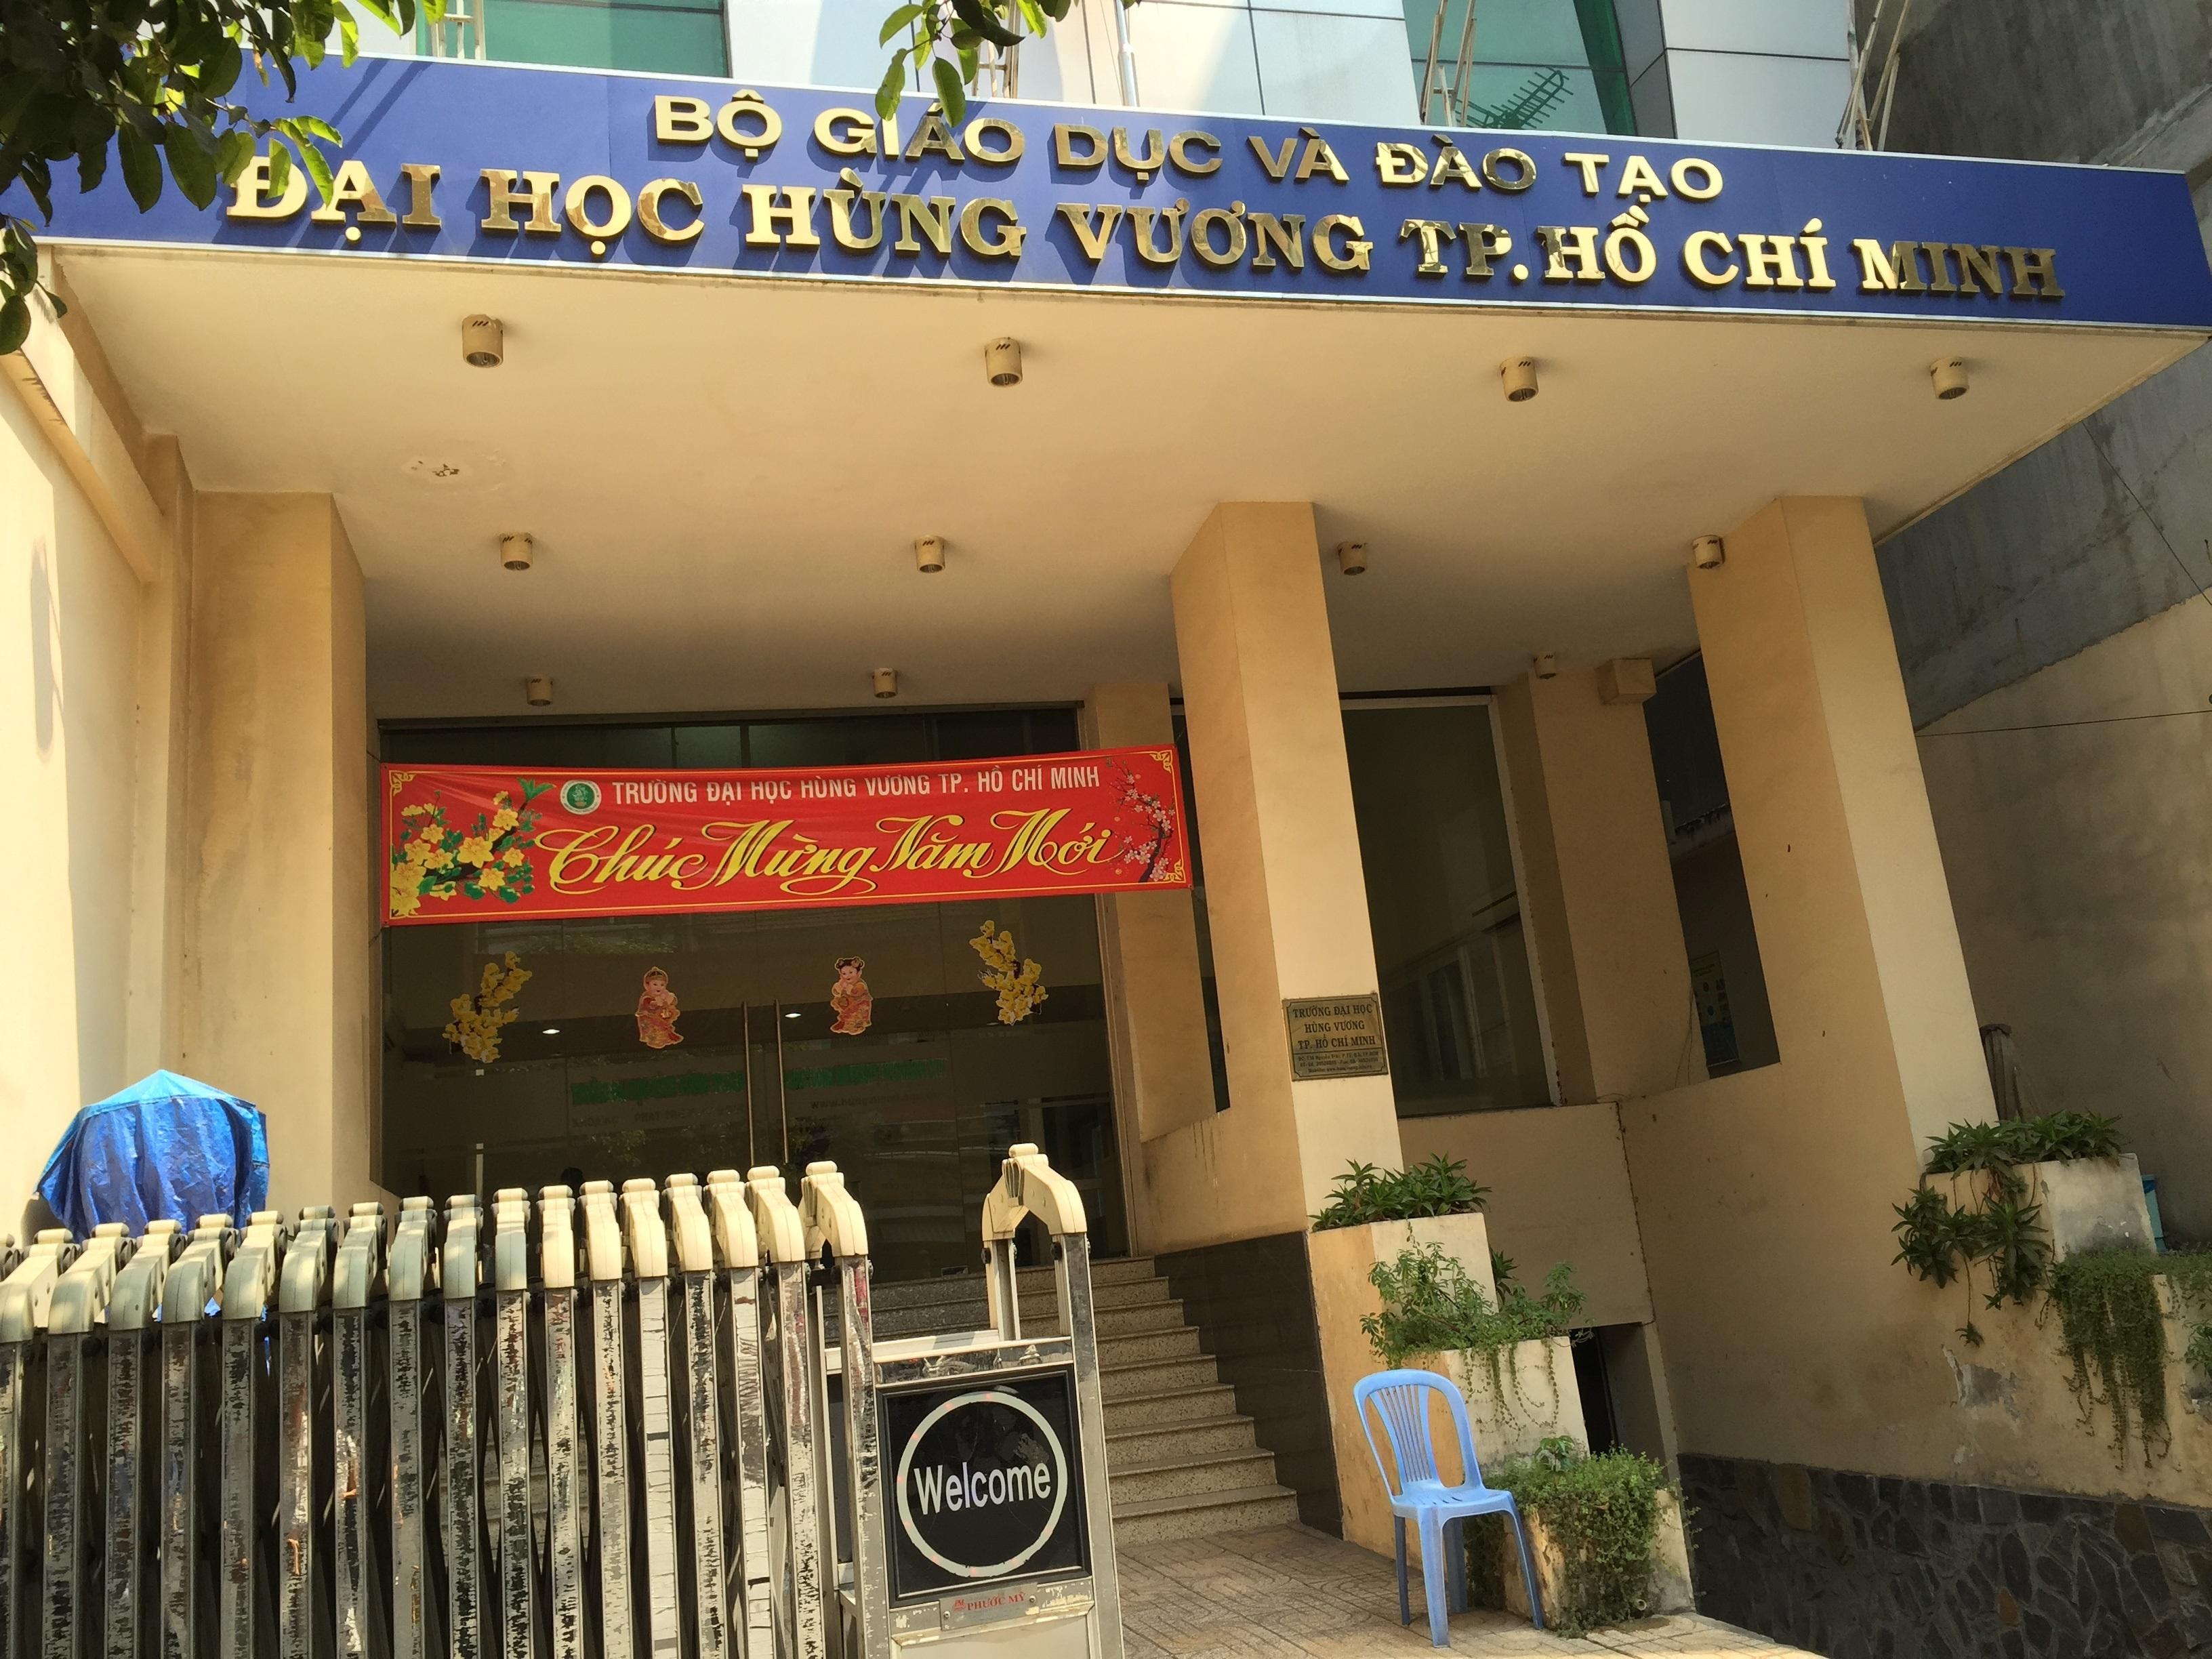 Trường ĐH Hùng Vương TP.HCM 4 năm qua với những vụ lùm xùm